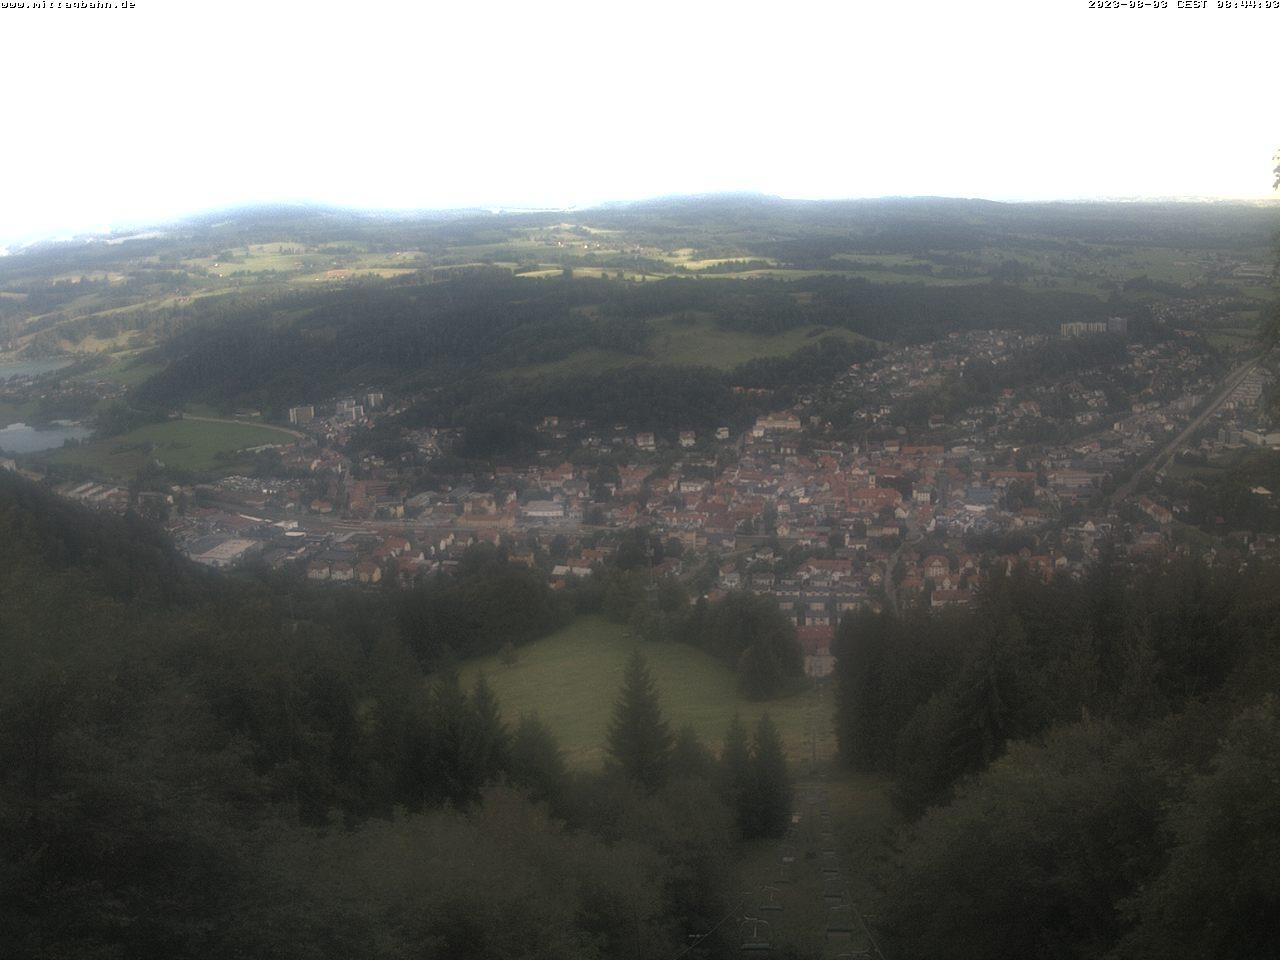 Webcam Ski Resort Immenstadt - Mittag von der Mittelstation - Bavaria Alps - Allgäu